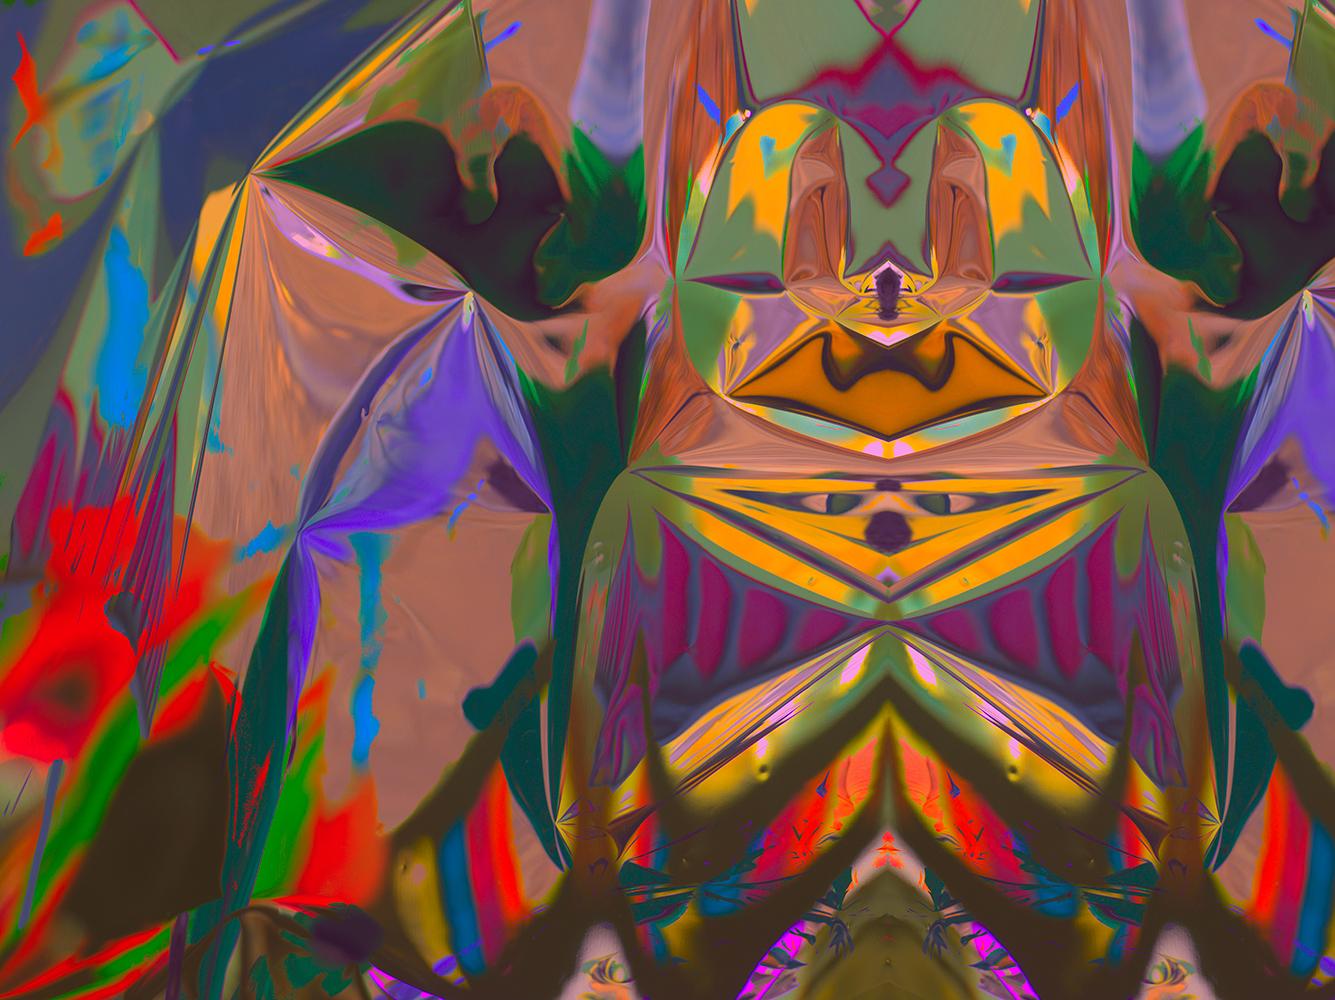 Elias Wessel  Hinter den Dingen 8 , 2017  Color Photograph  Original: 180 x 240.3 cm